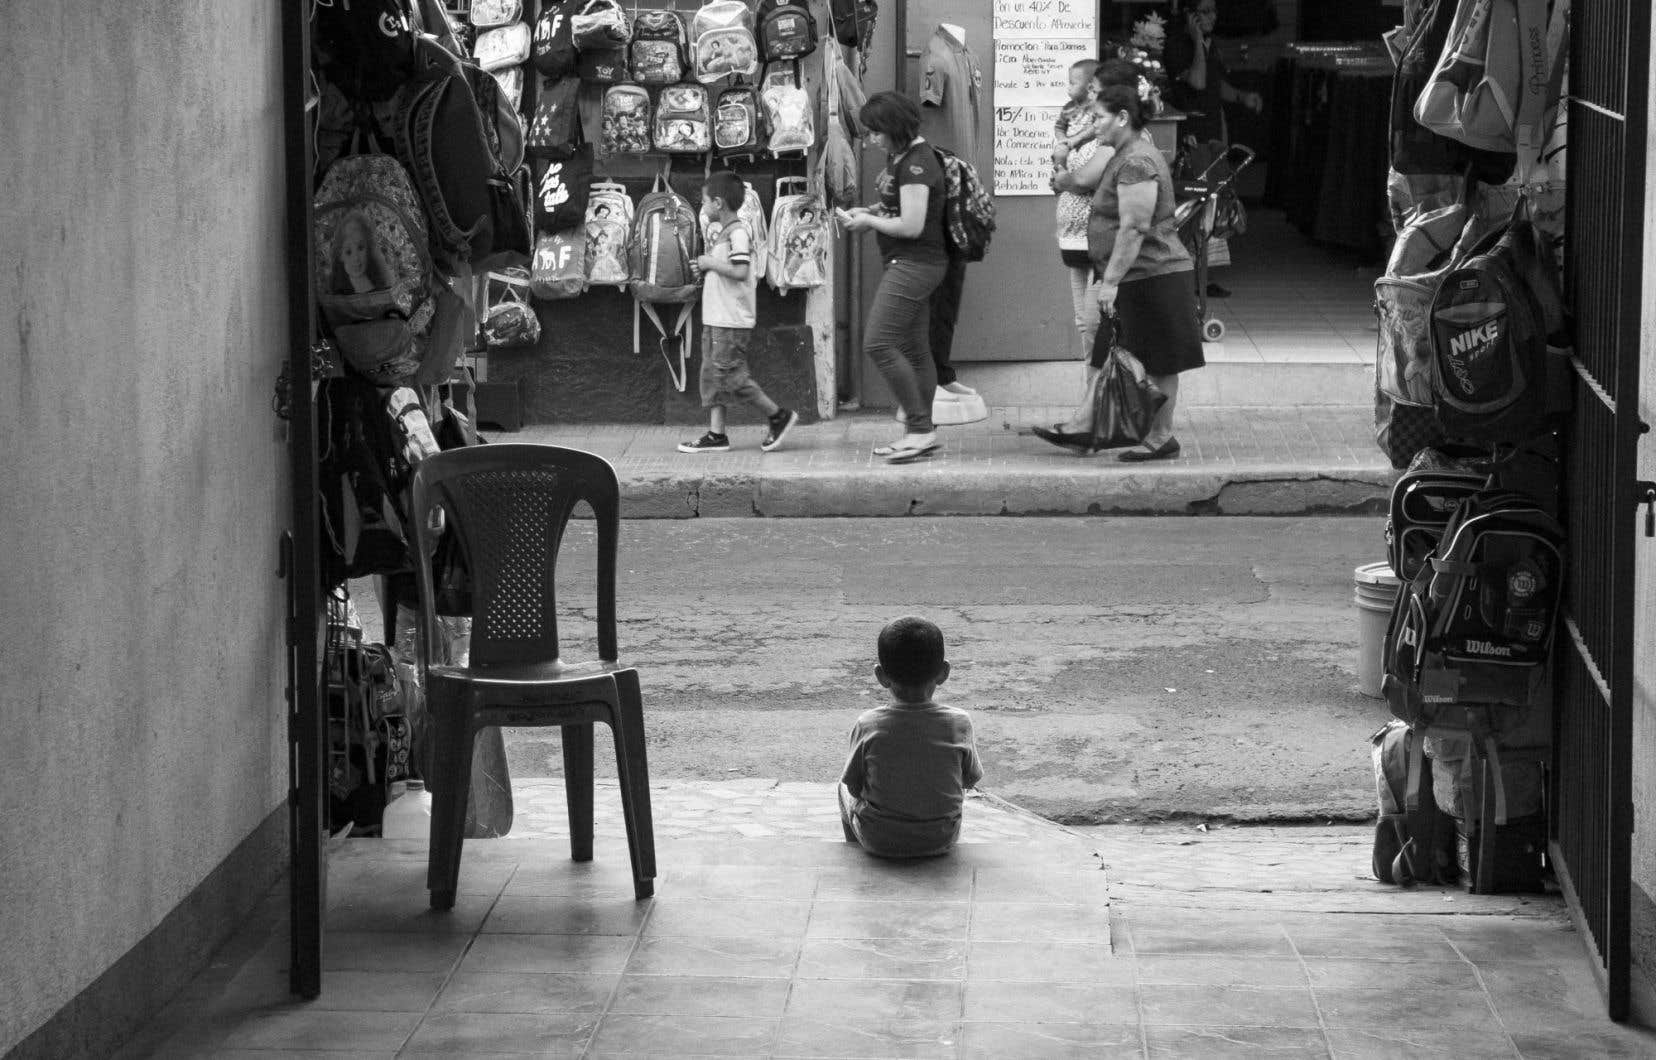 En 2012, Samian entame un voyage au Nicaragua muni d'une caméra. Au hasard d'un détour, dans la ville de Léon, il prend la photo d'un petit garçon, de dos, assis au bord du trottoir, regardant ce qui se passe dans la rue. Un projet germe.